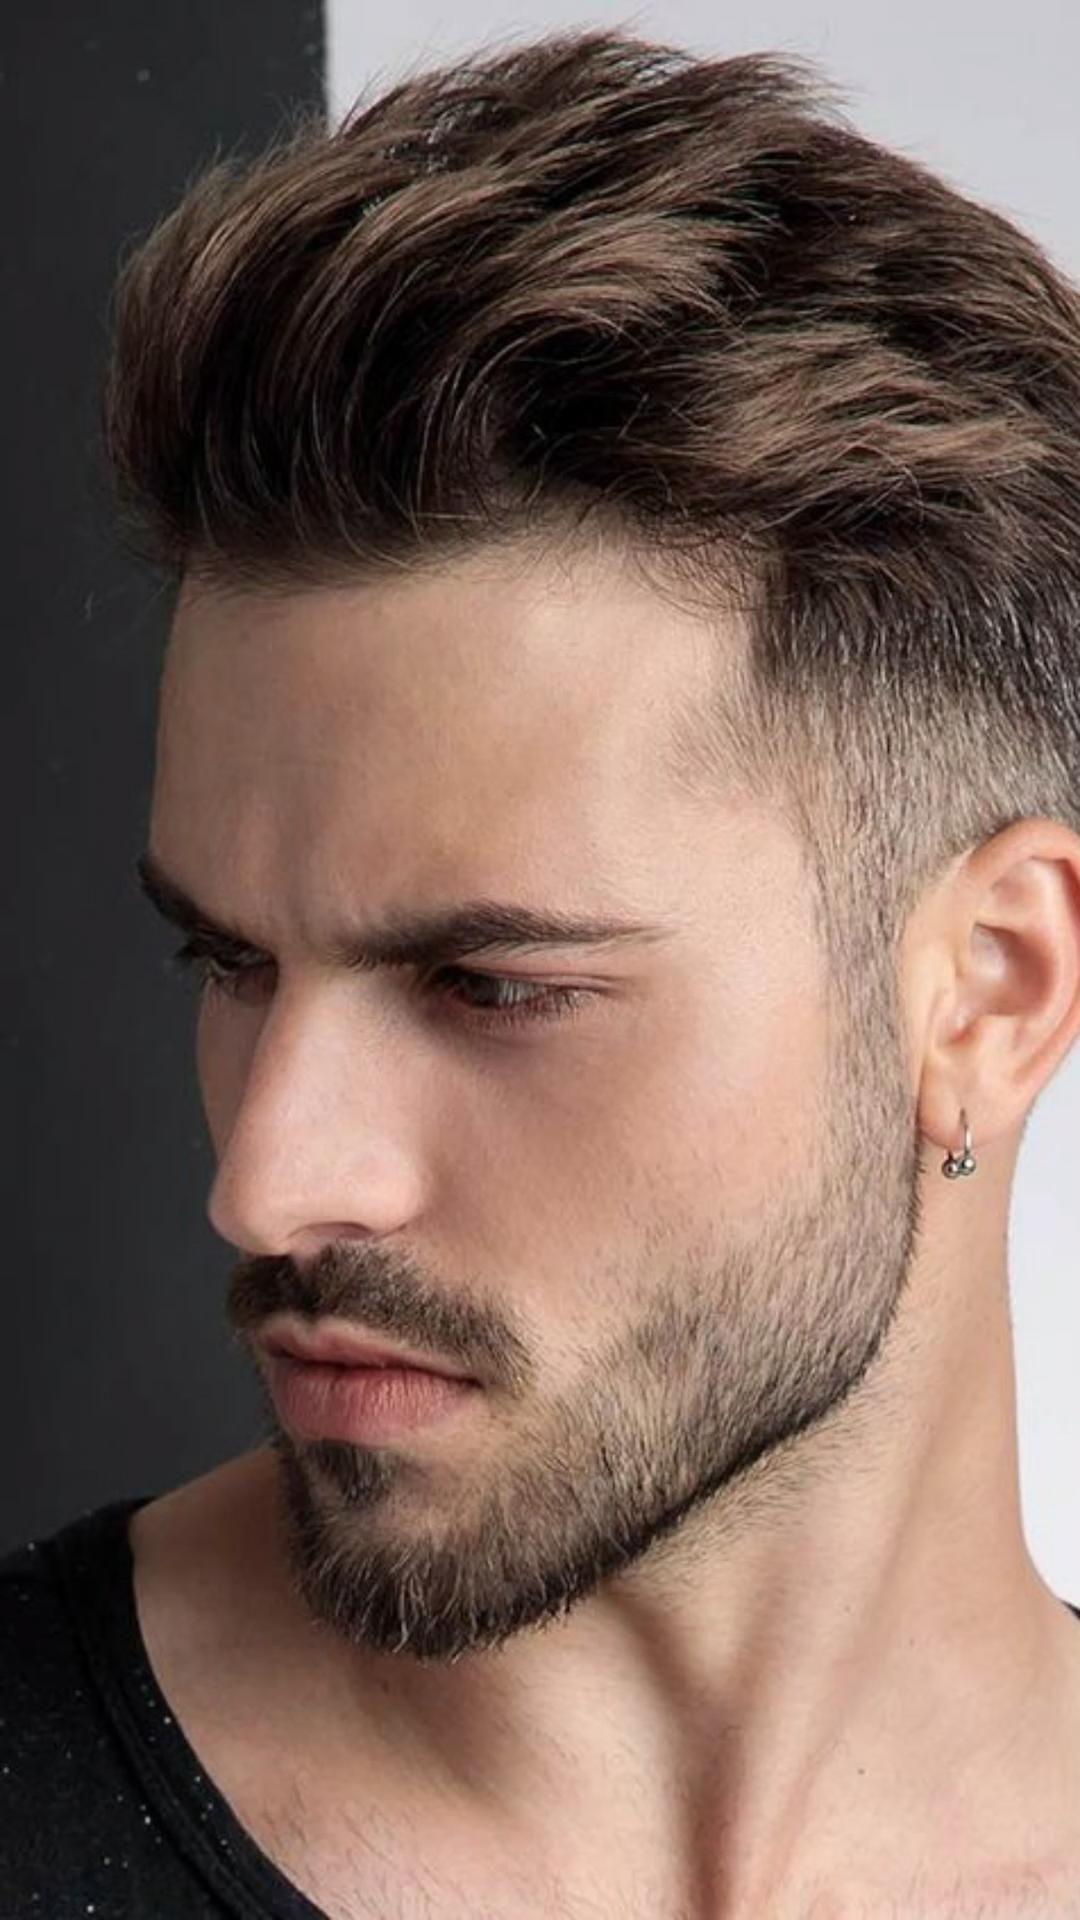 Lange Haare Haar Haarausfall Frisuren Lange Haare Trends Bob Frisuren Geflochtene Frisuren K In 2020 Mens Haircuts Short Men Haircut Styles Young Mens Hairstyles